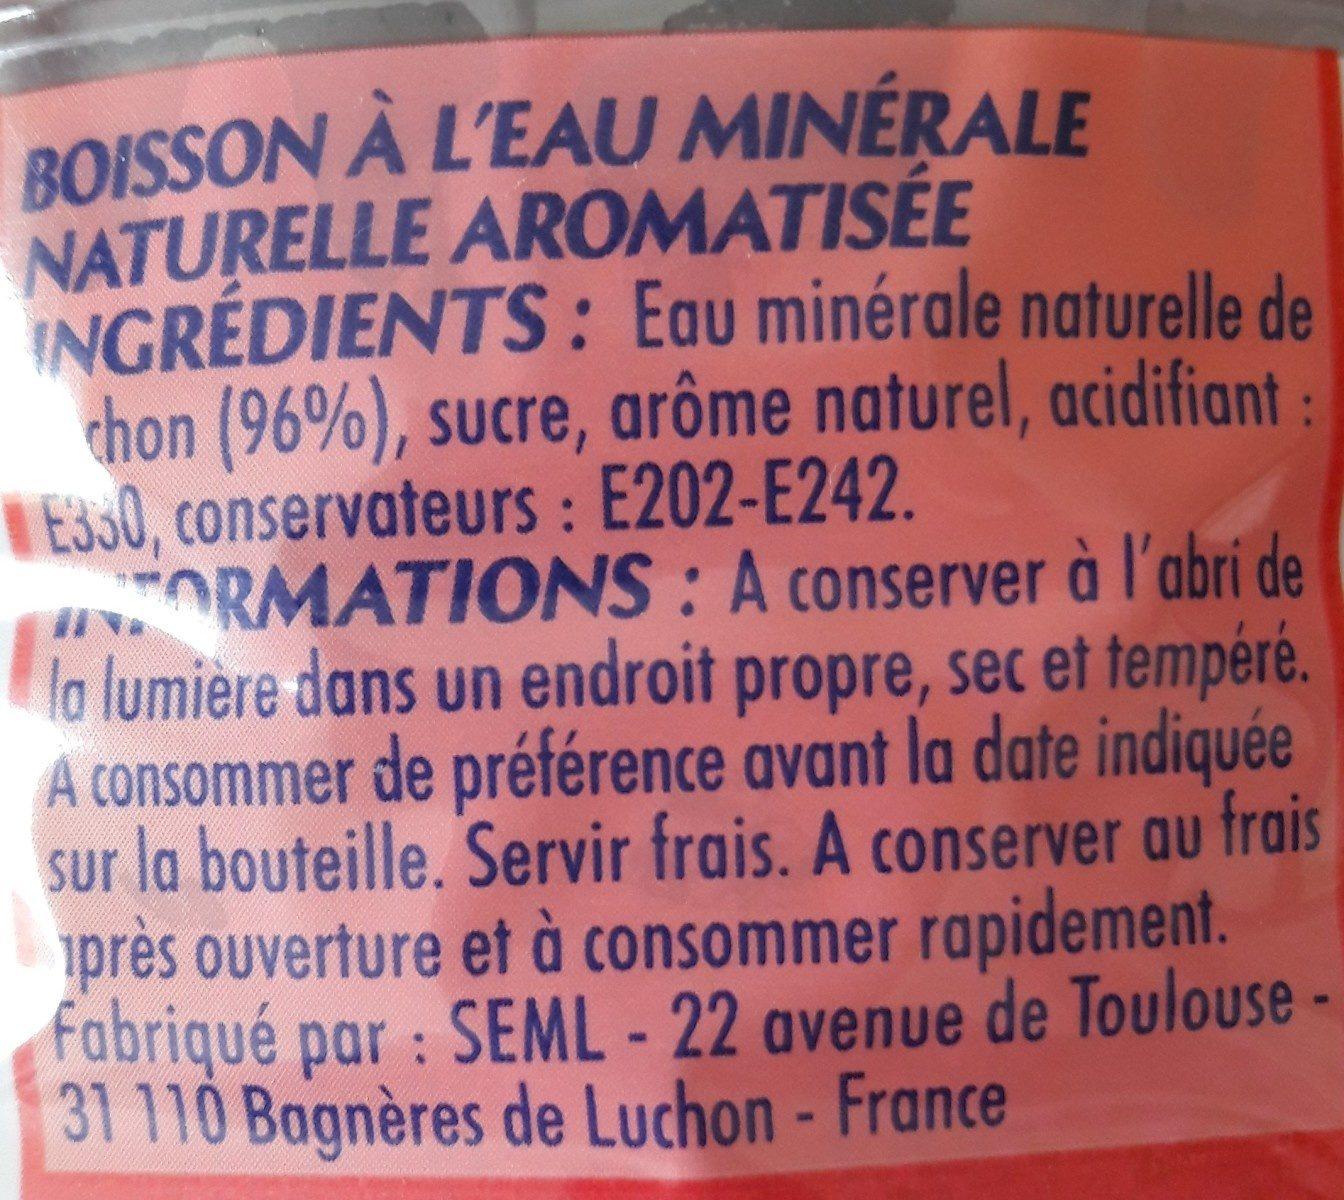 Boisson à l'eau minérale naturelle aromatisée - Ingrediënten - fr